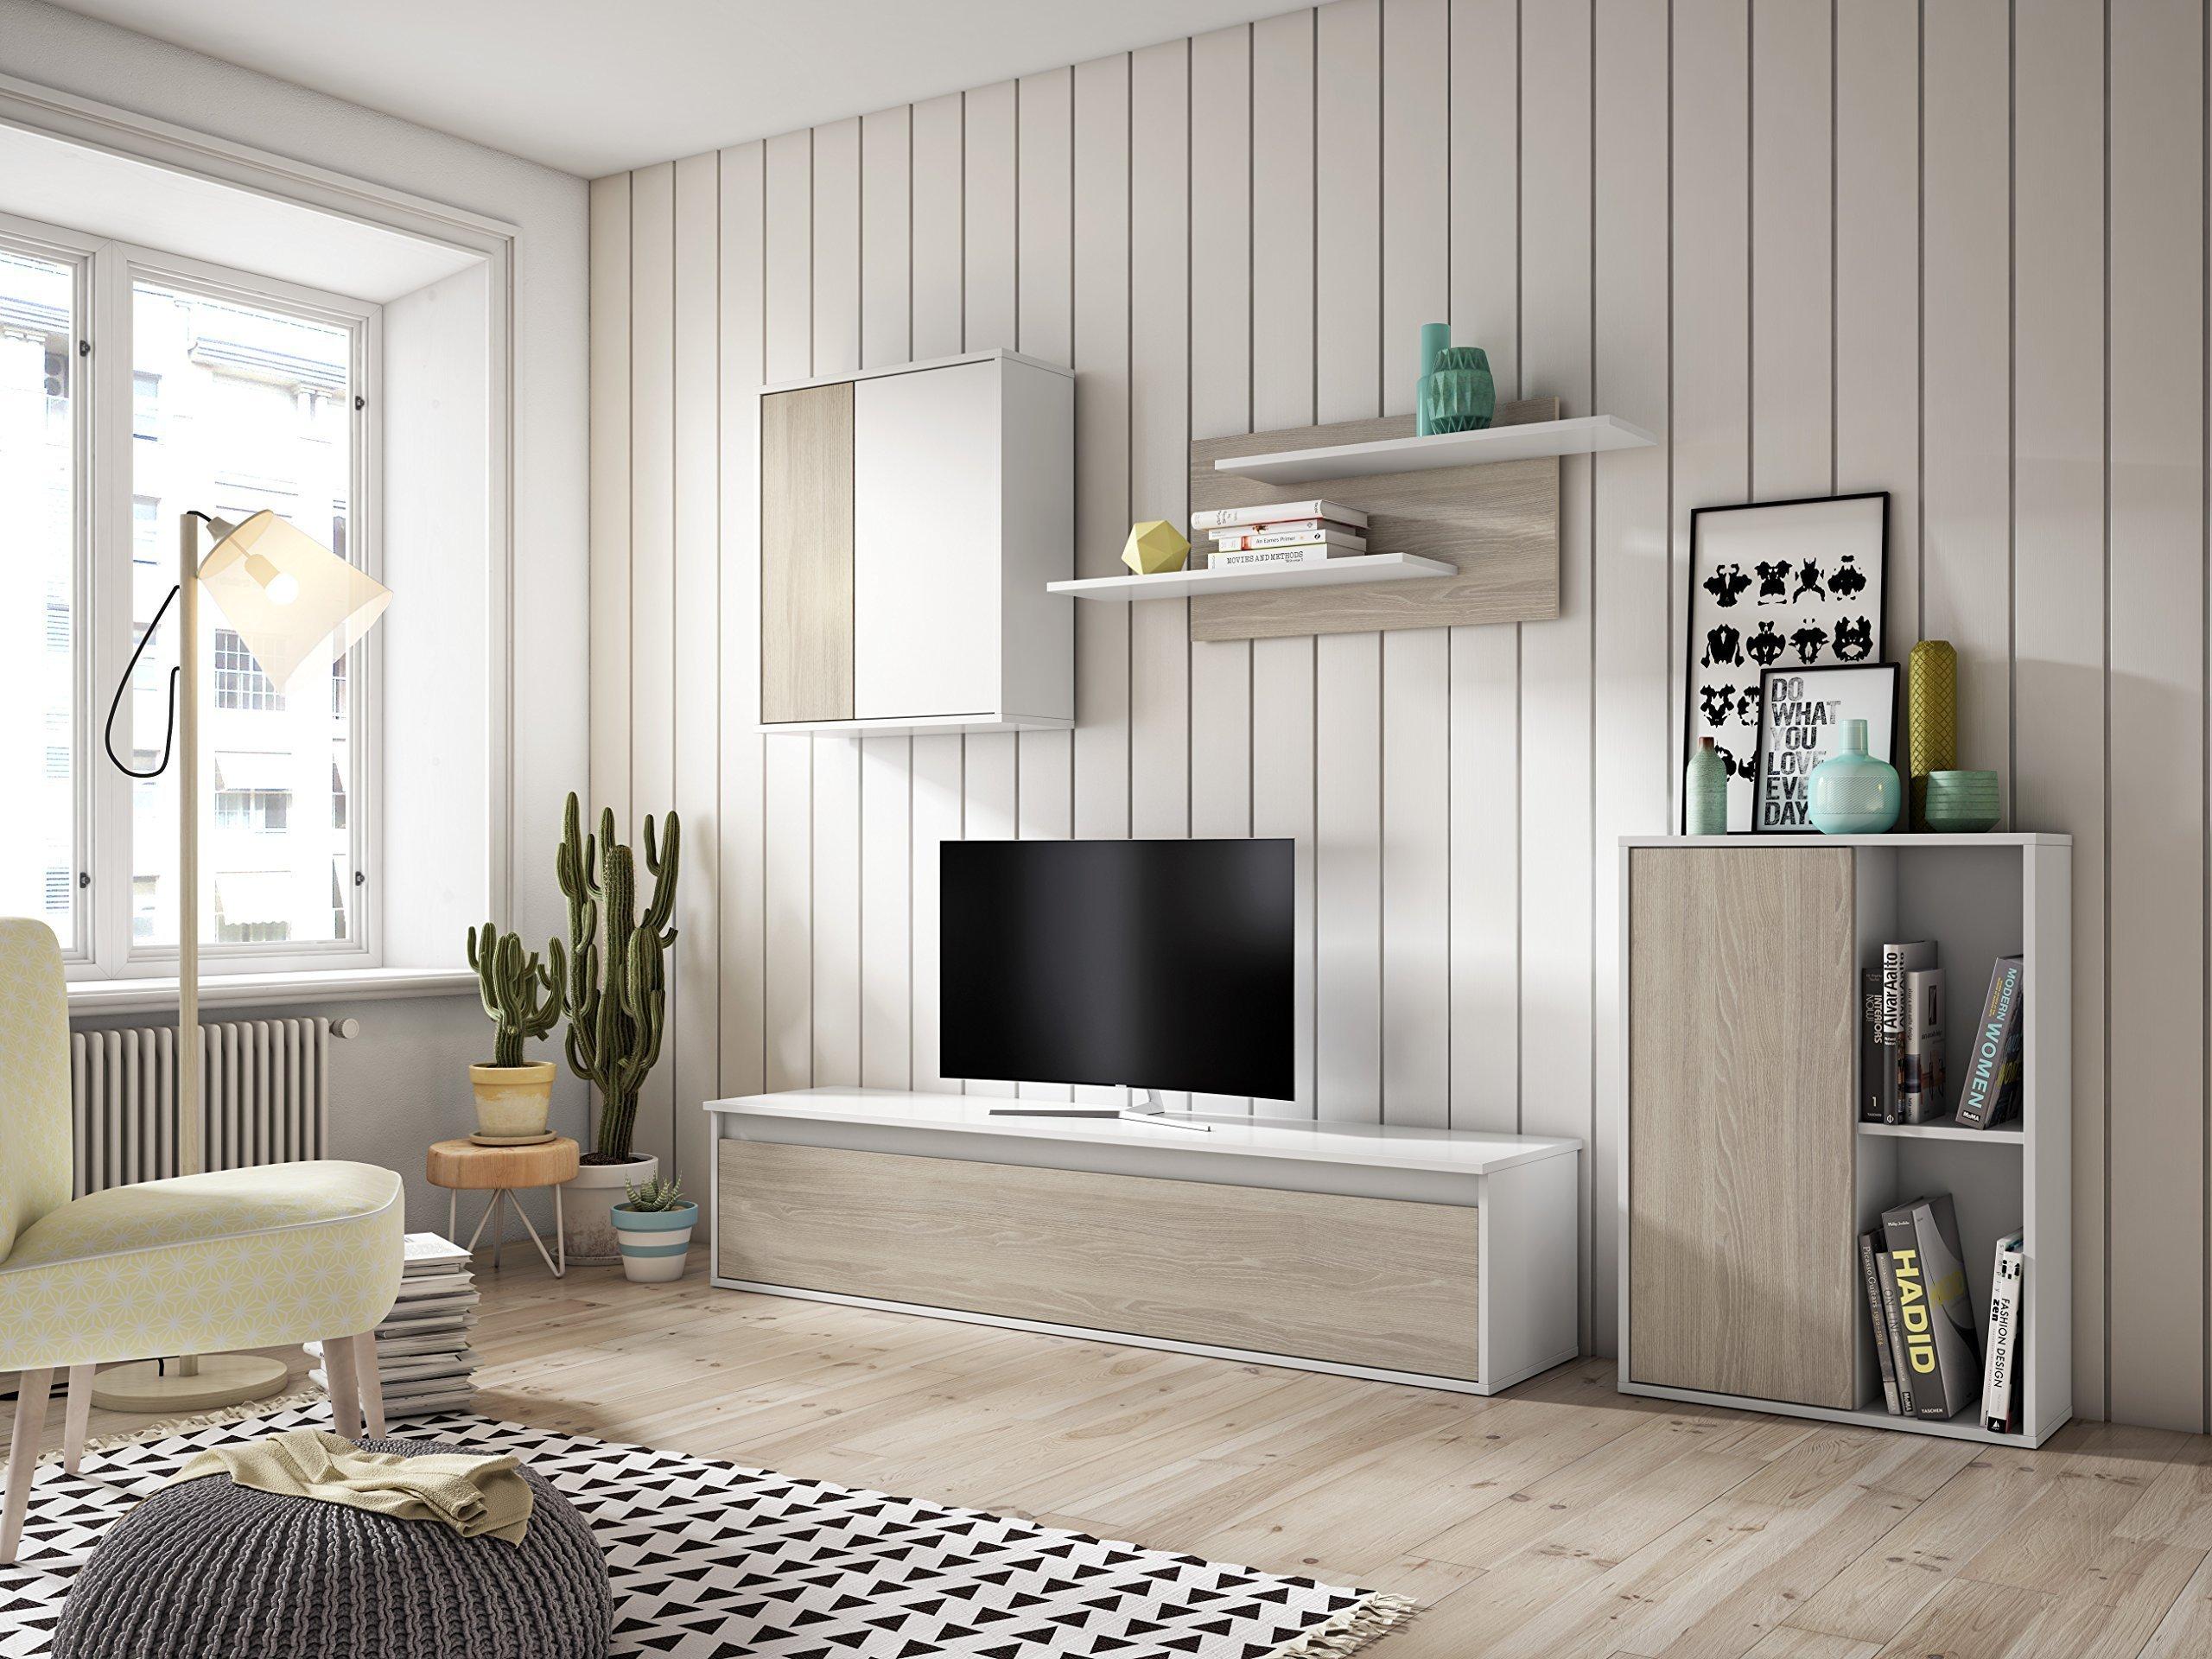 Muebles Place-Salón Comedor Moderno Tex/Mueble TV de 160 cm/Color Blanco y Roble/Modulos Que posibilitan el Libre Montaje: Amazon.es: Juguetes y juegos